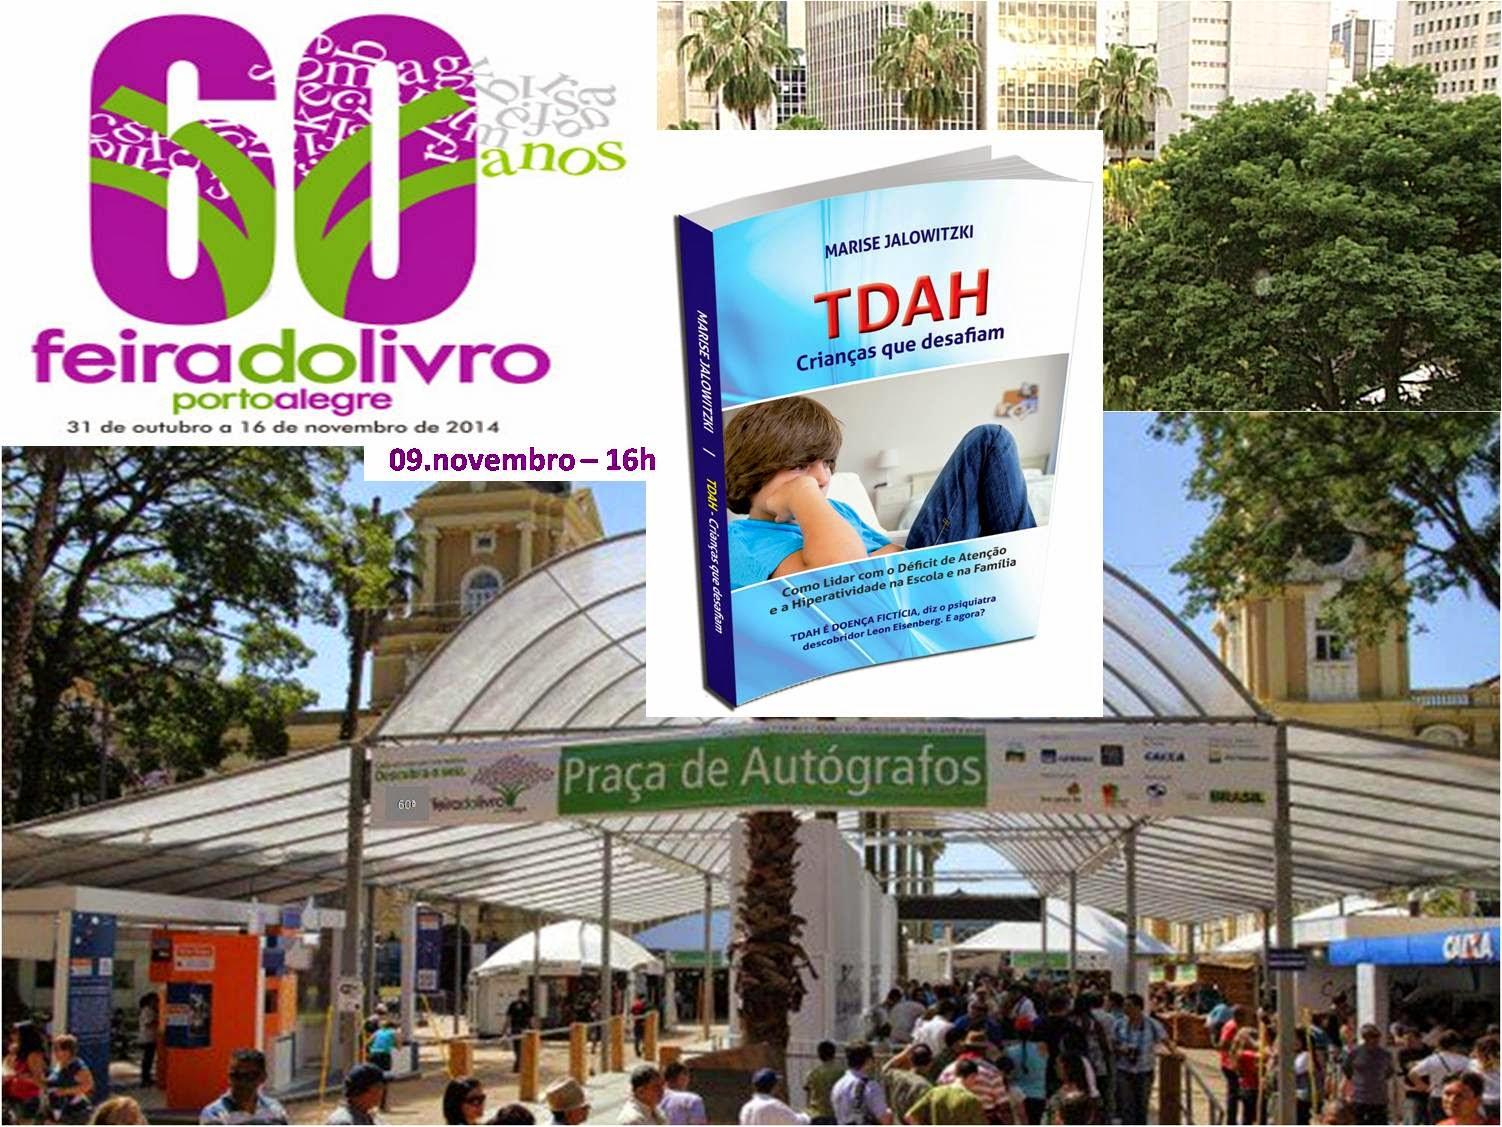 Tarde de Autógrafos - Livro TDAH Crianças que Desafiam - 60ª Feira do Livro de Porto Alegre - RS -